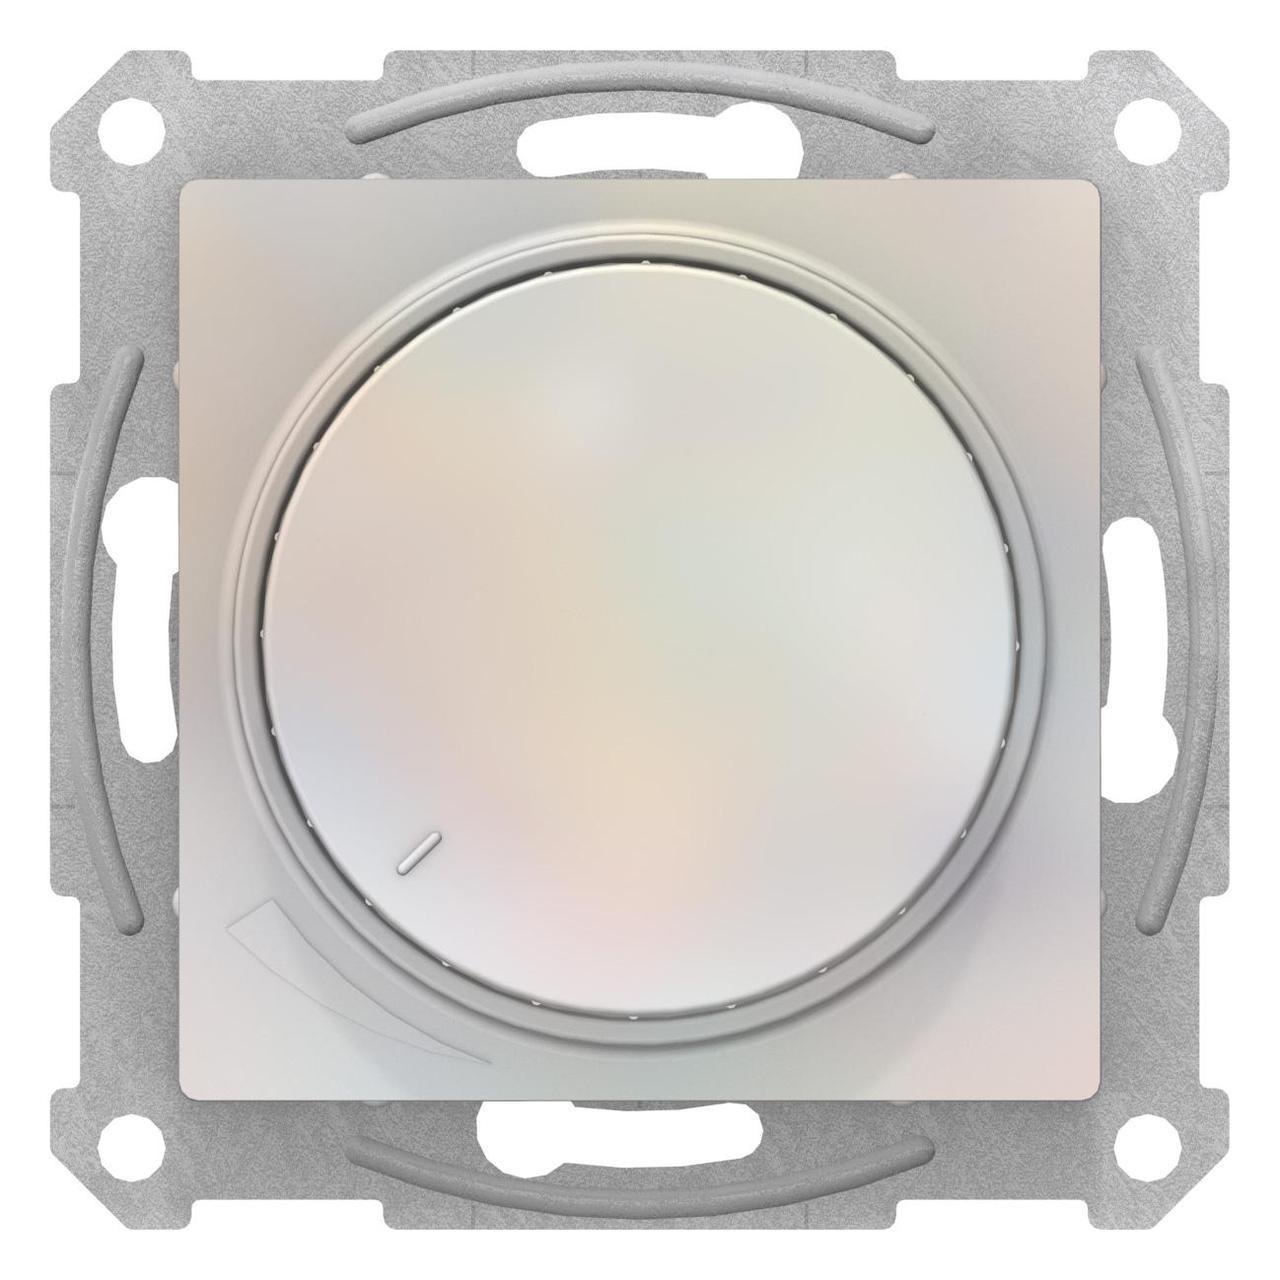 Диммер поворотно-нажимной , 600Вт для ламп накаливания , Жемчуг, серия Atlas Design, Schneider Electric